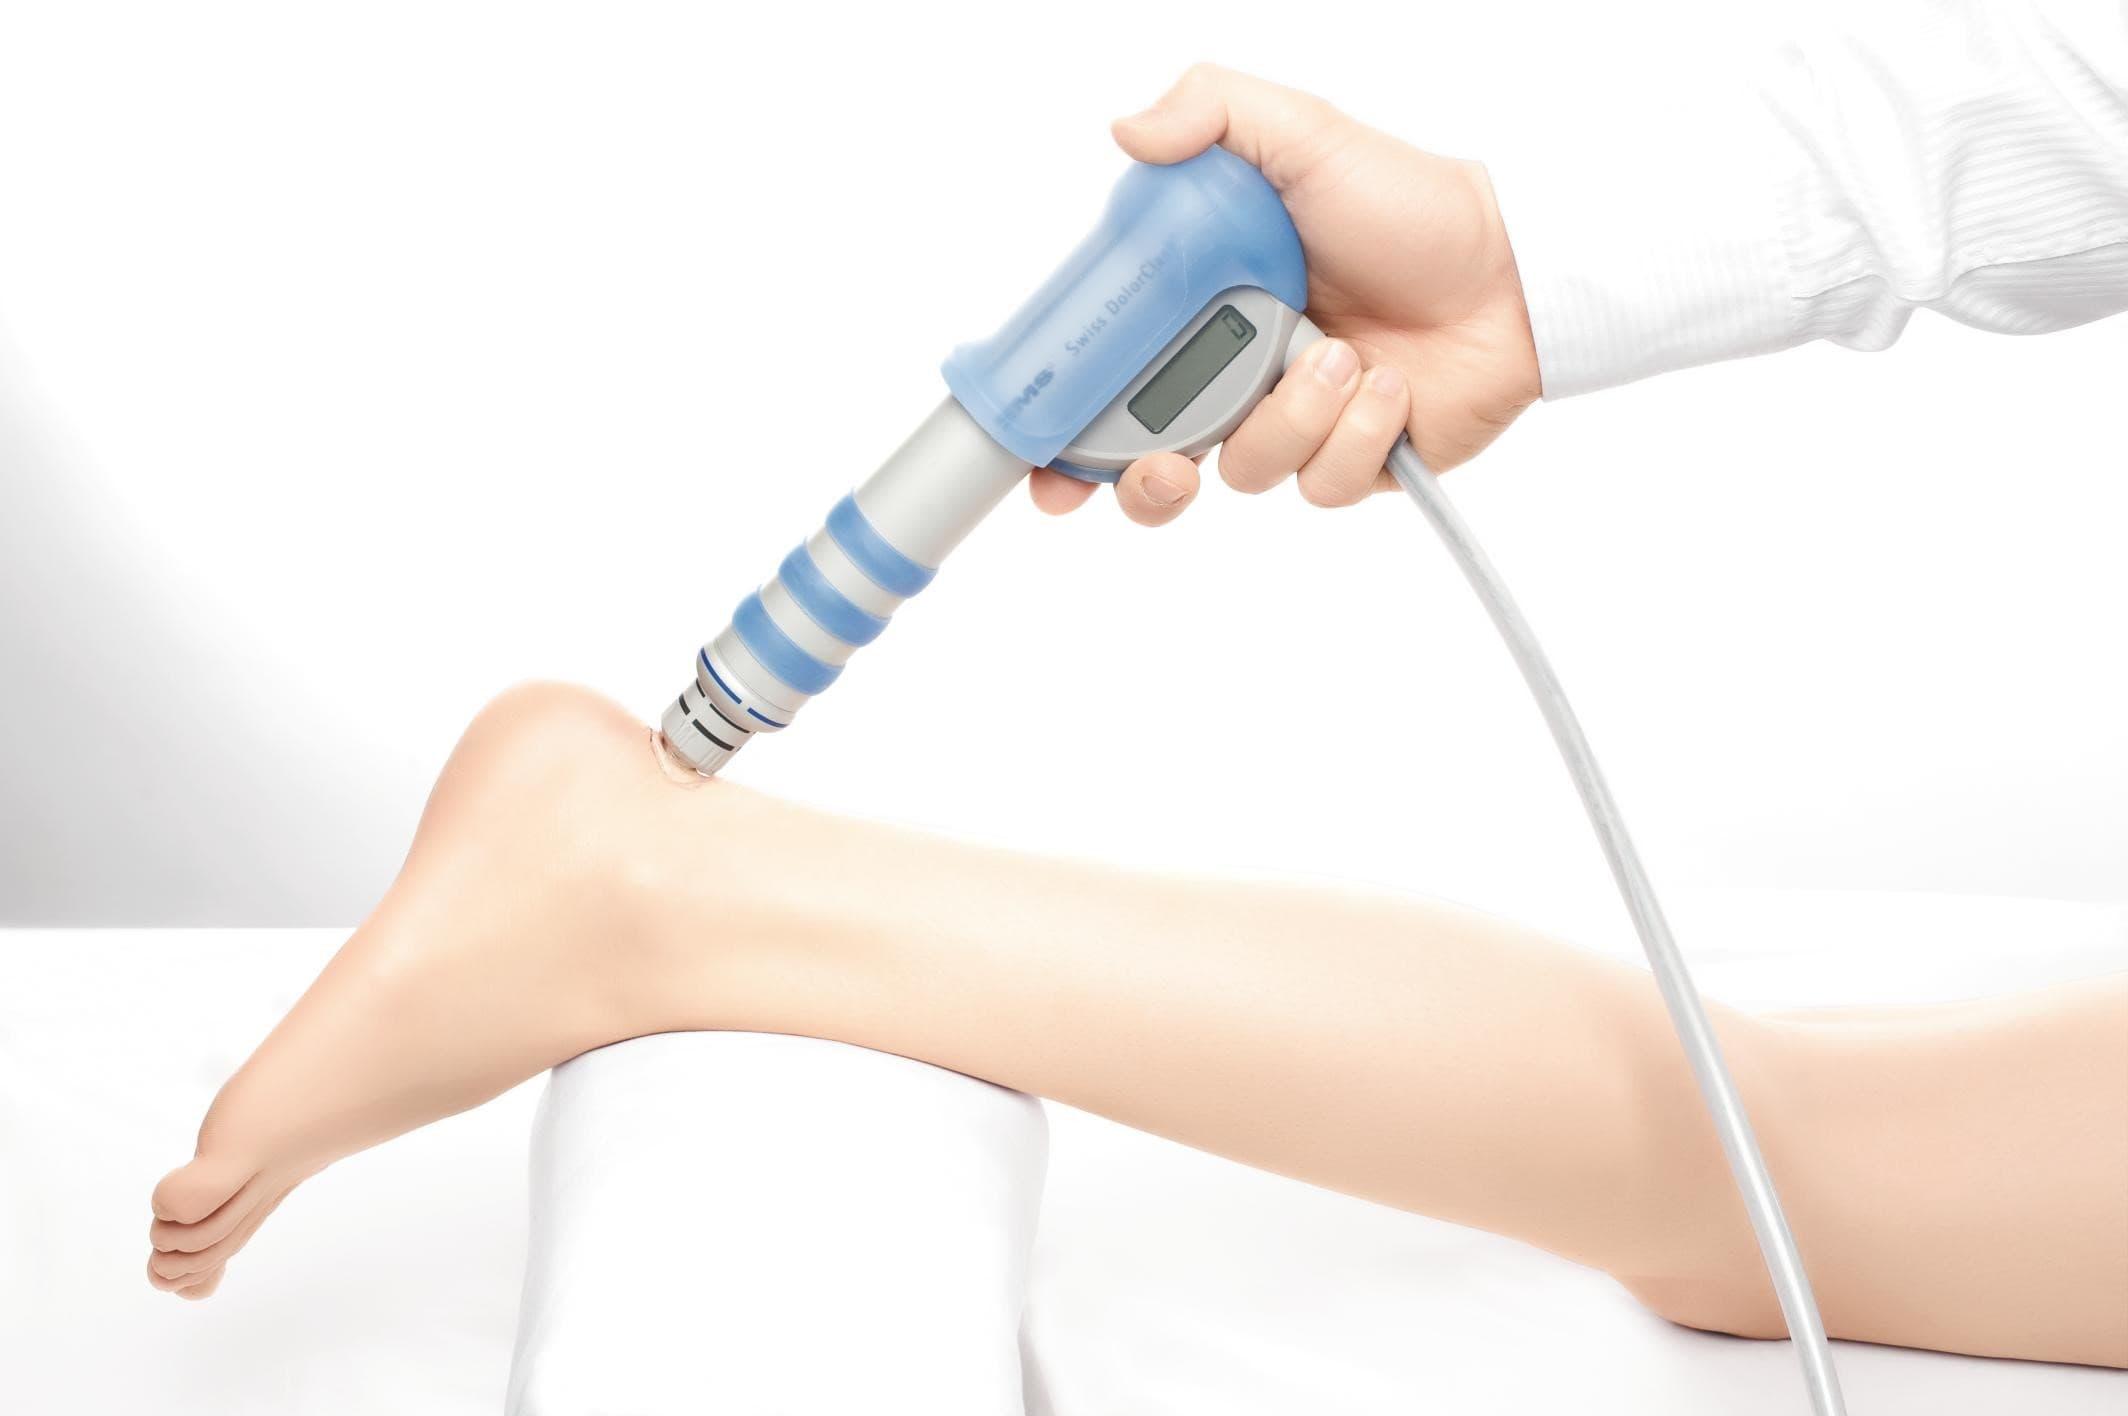 Лечение шпор ударно-волновой терапией